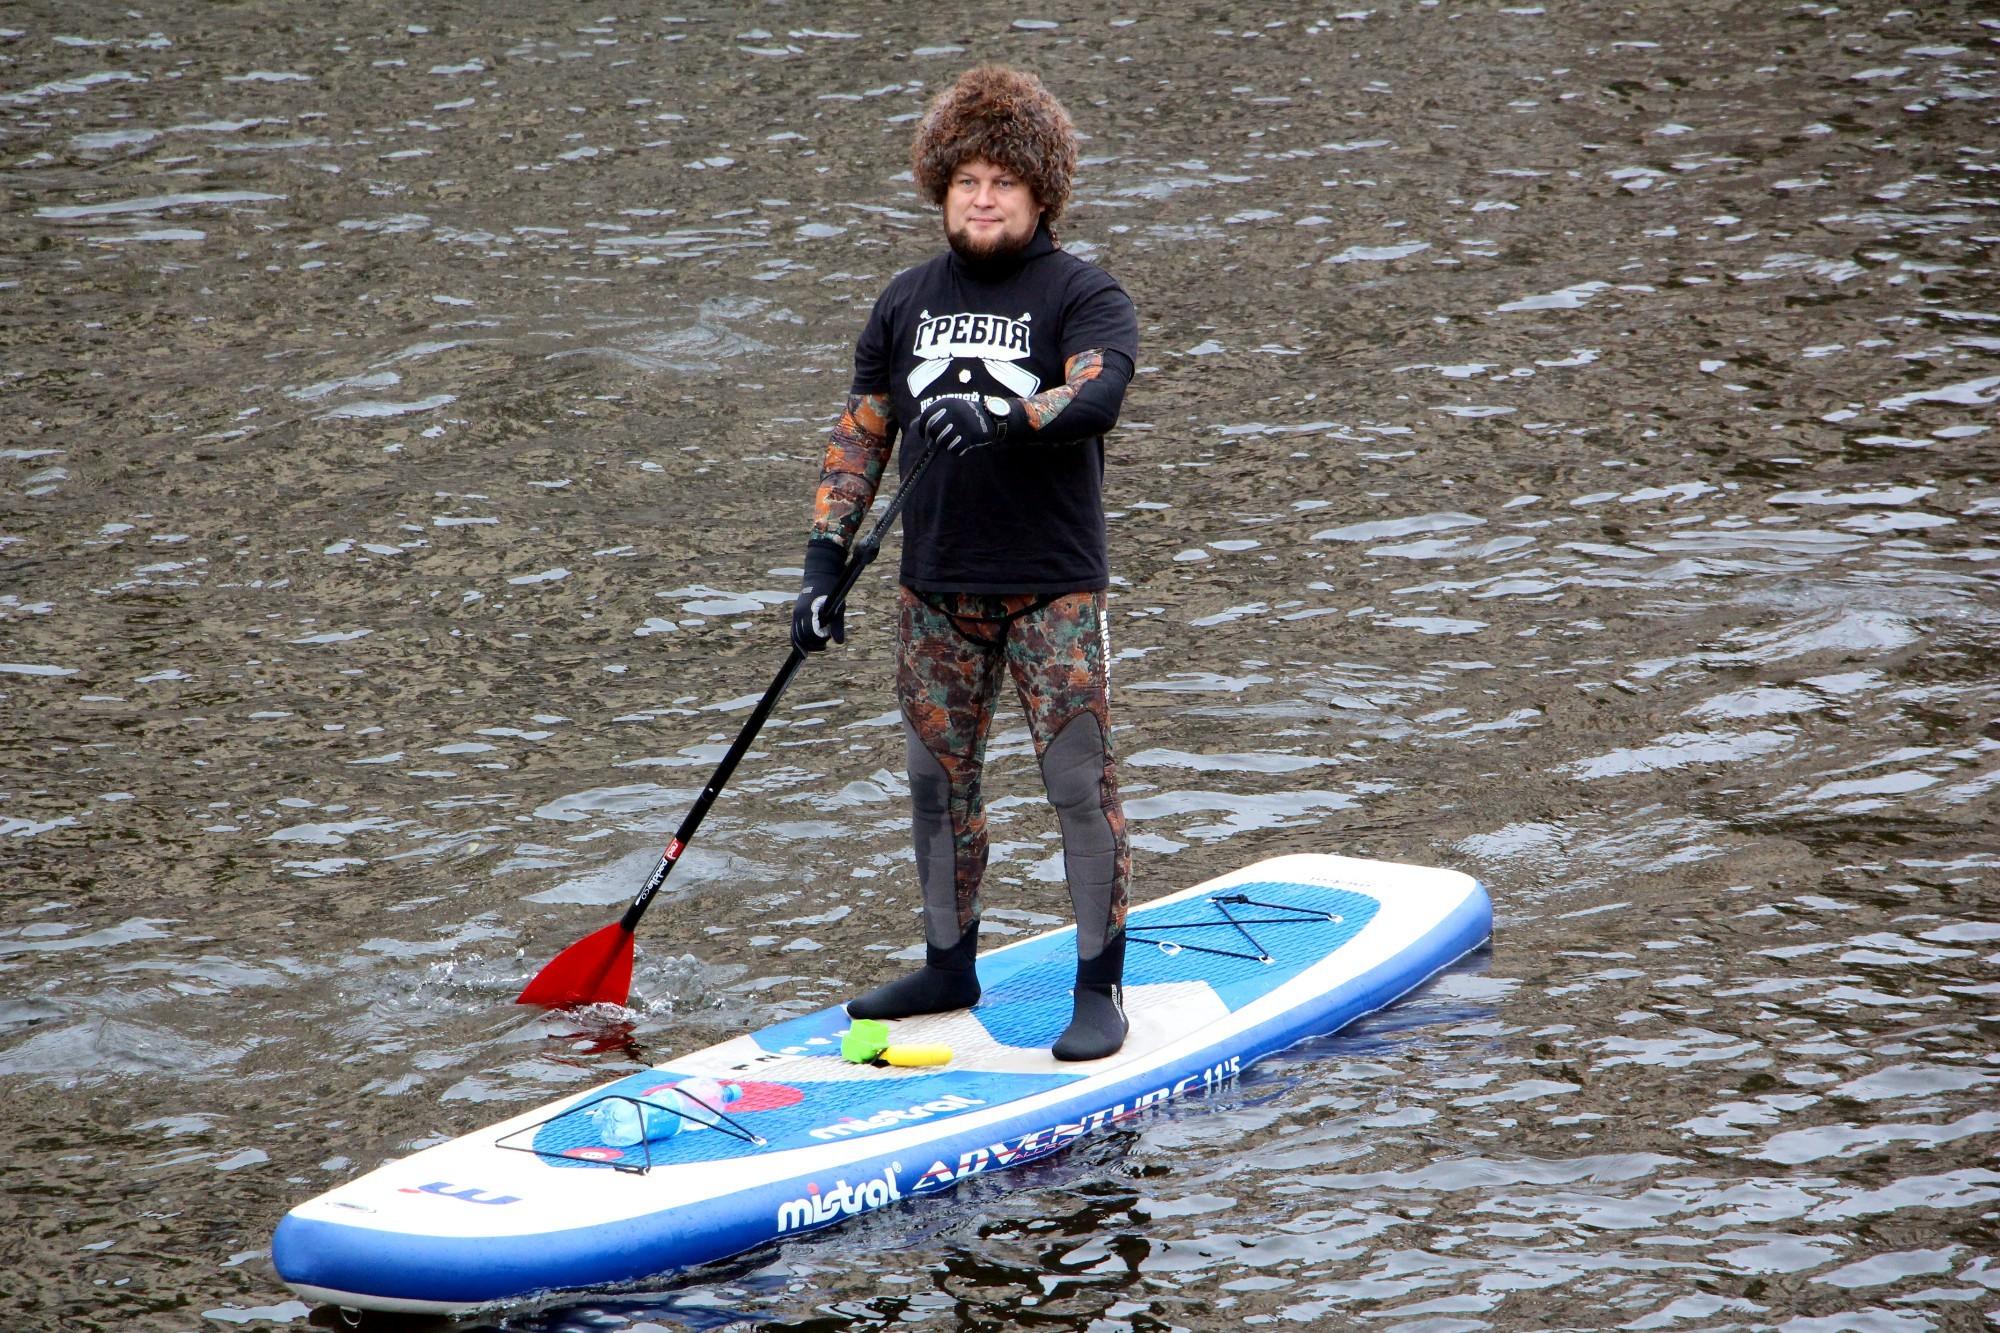 фестиваль sup серфинга канал грибоедова водные виды спорта